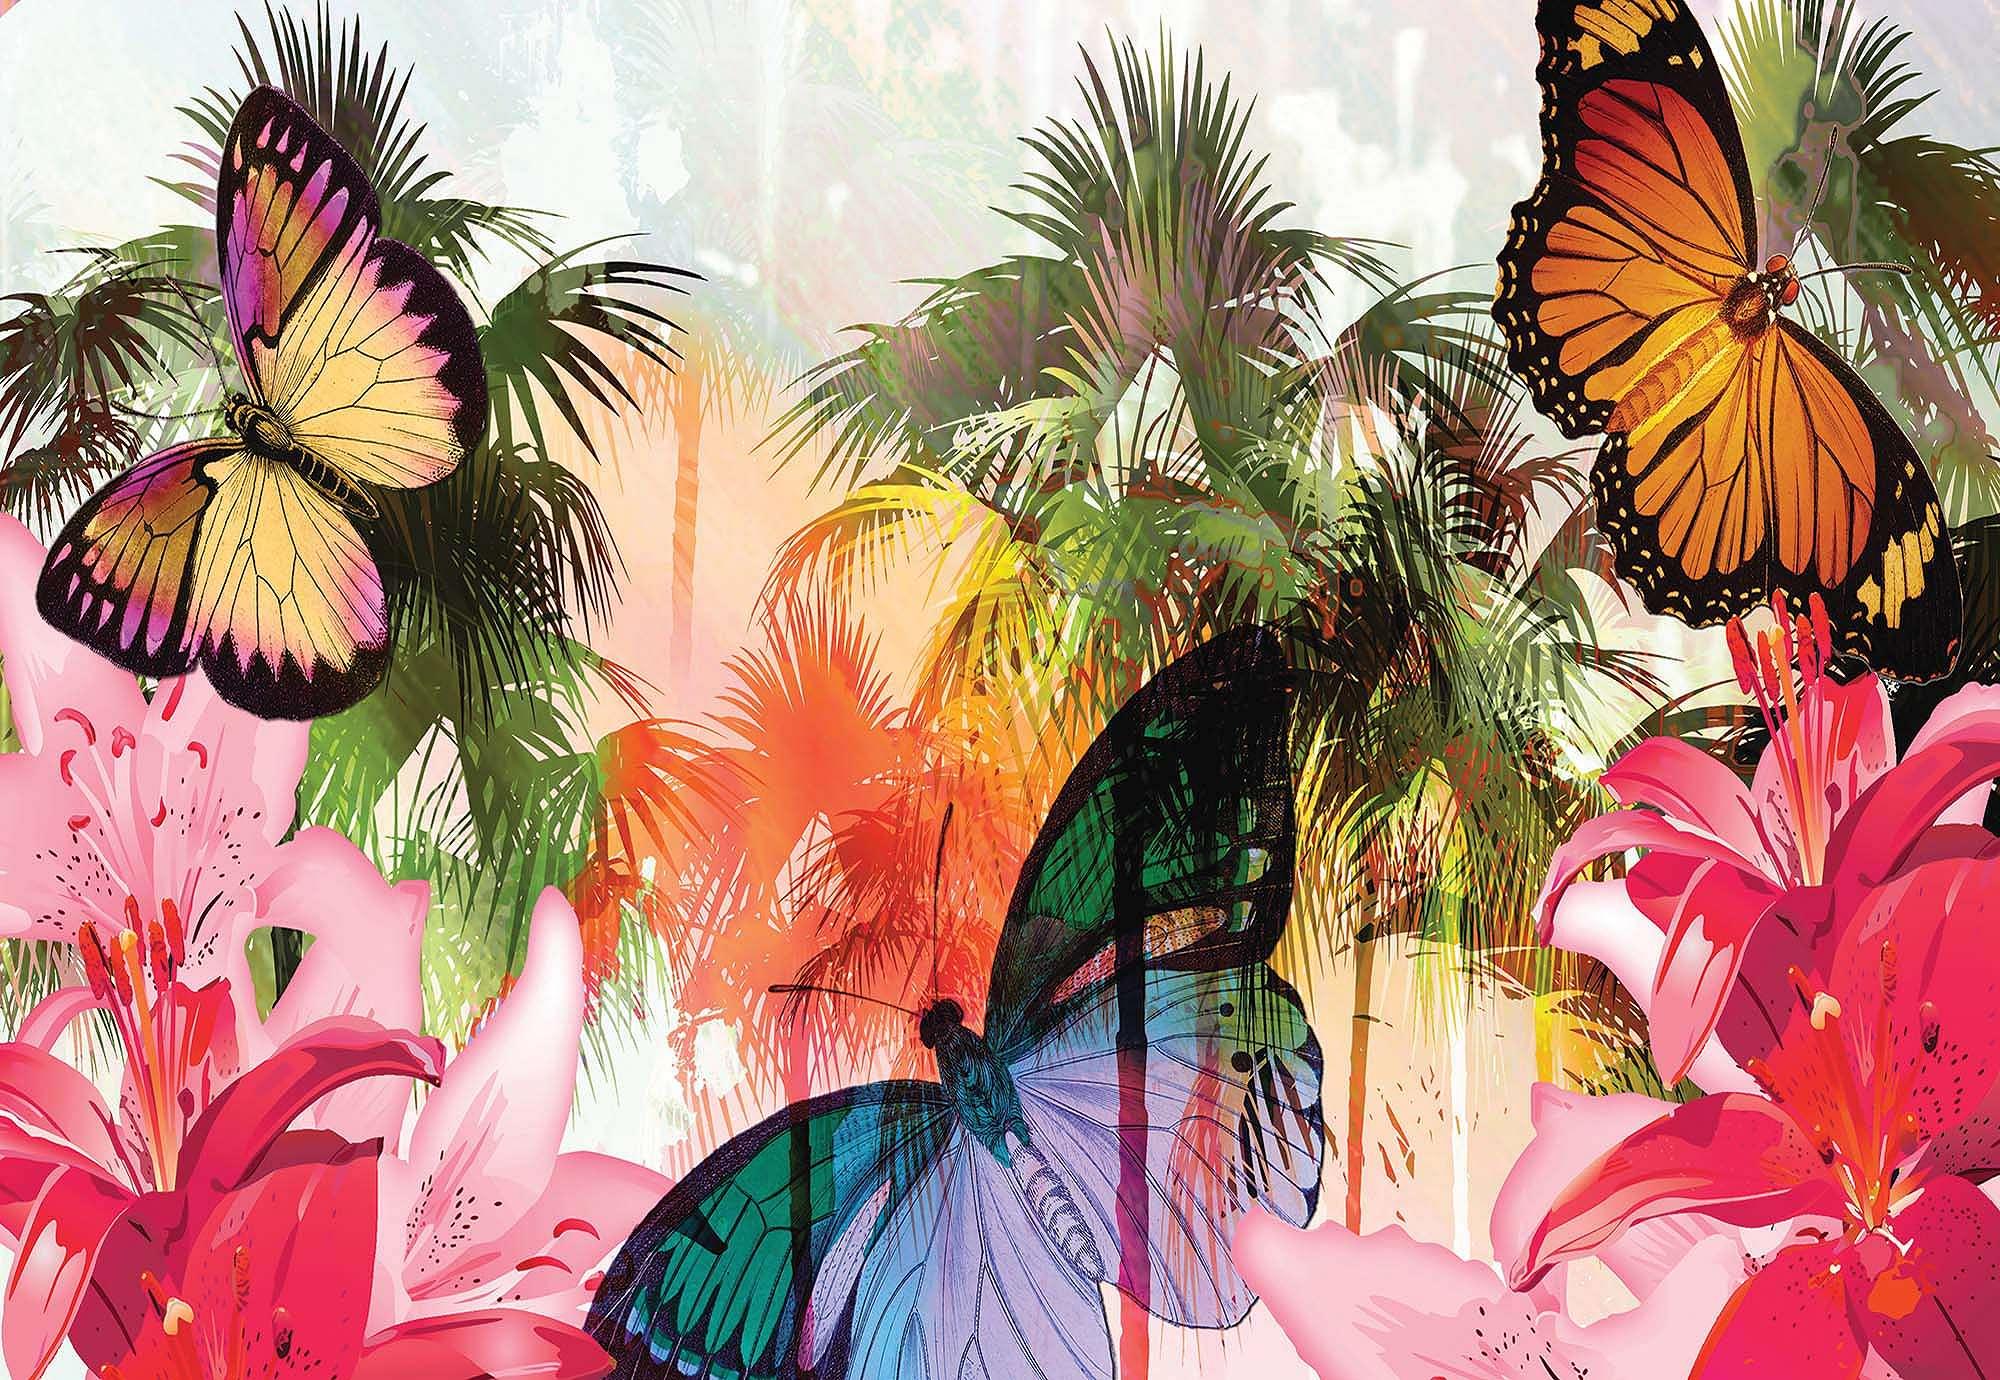 Fali poszter színes pillangó mintával trópusi hangulatban